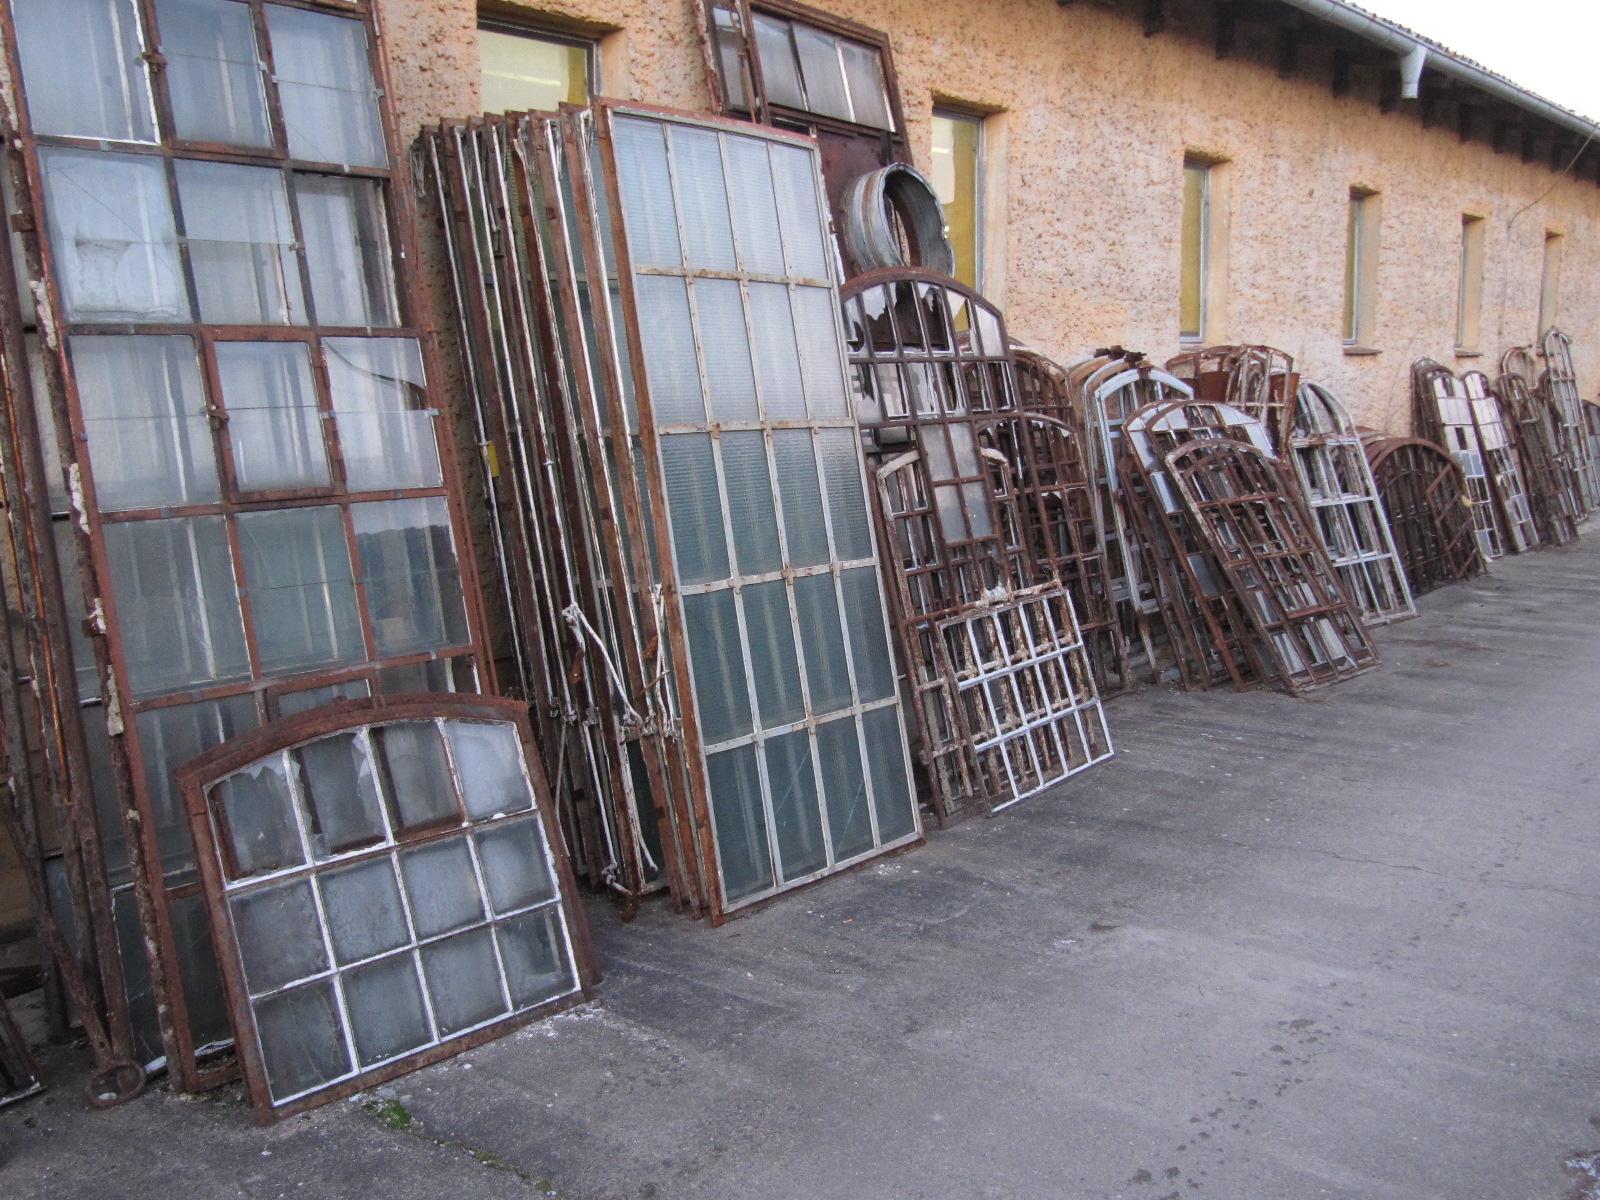 gro e auswahl an metallfenstern preise ab historische bauelemente jetzt online bestellen. Black Bedroom Furniture Sets. Home Design Ideas